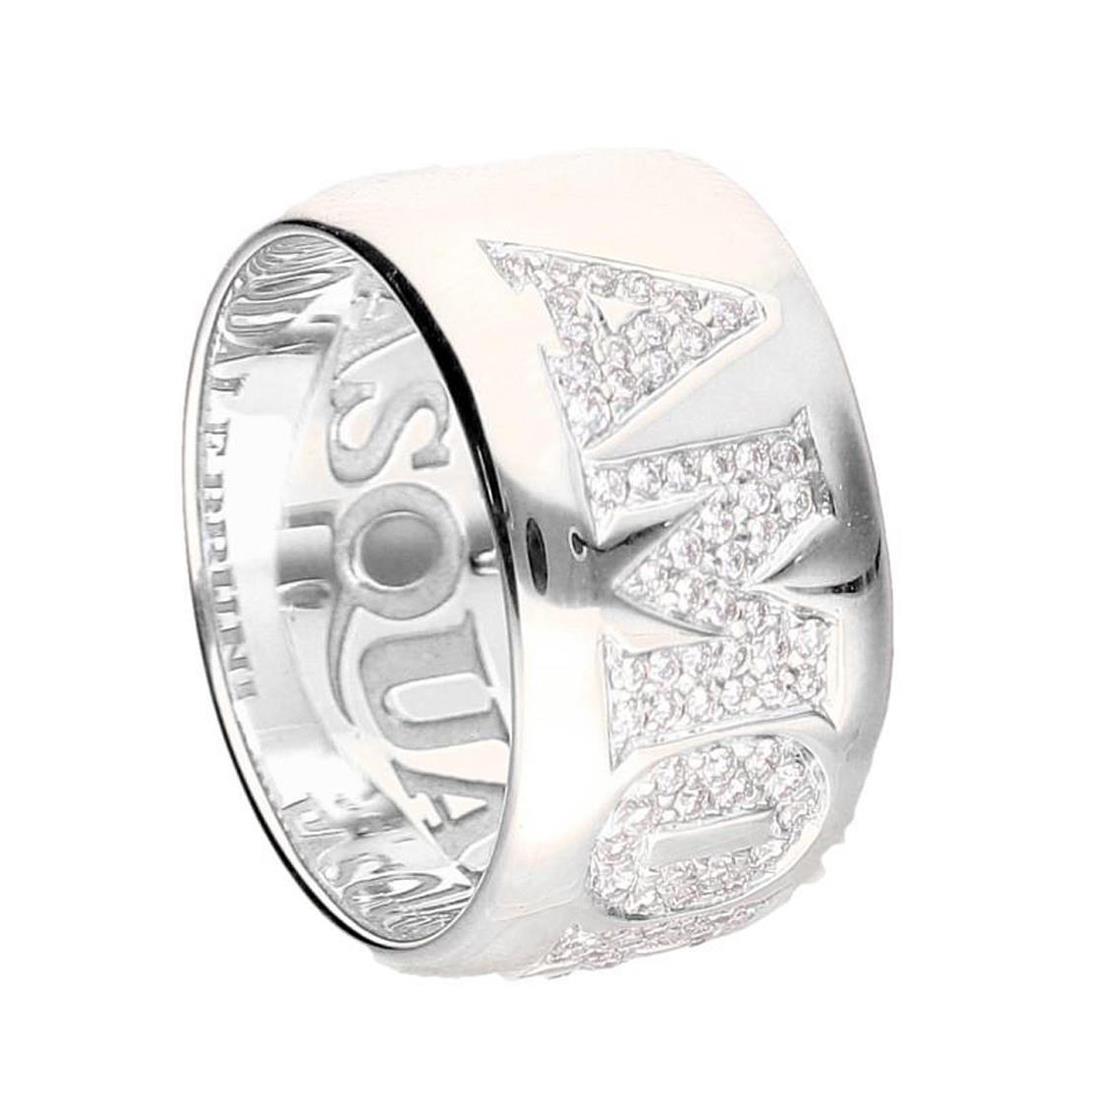 Anello fascia con diamanti - PASQUALE BRUNI